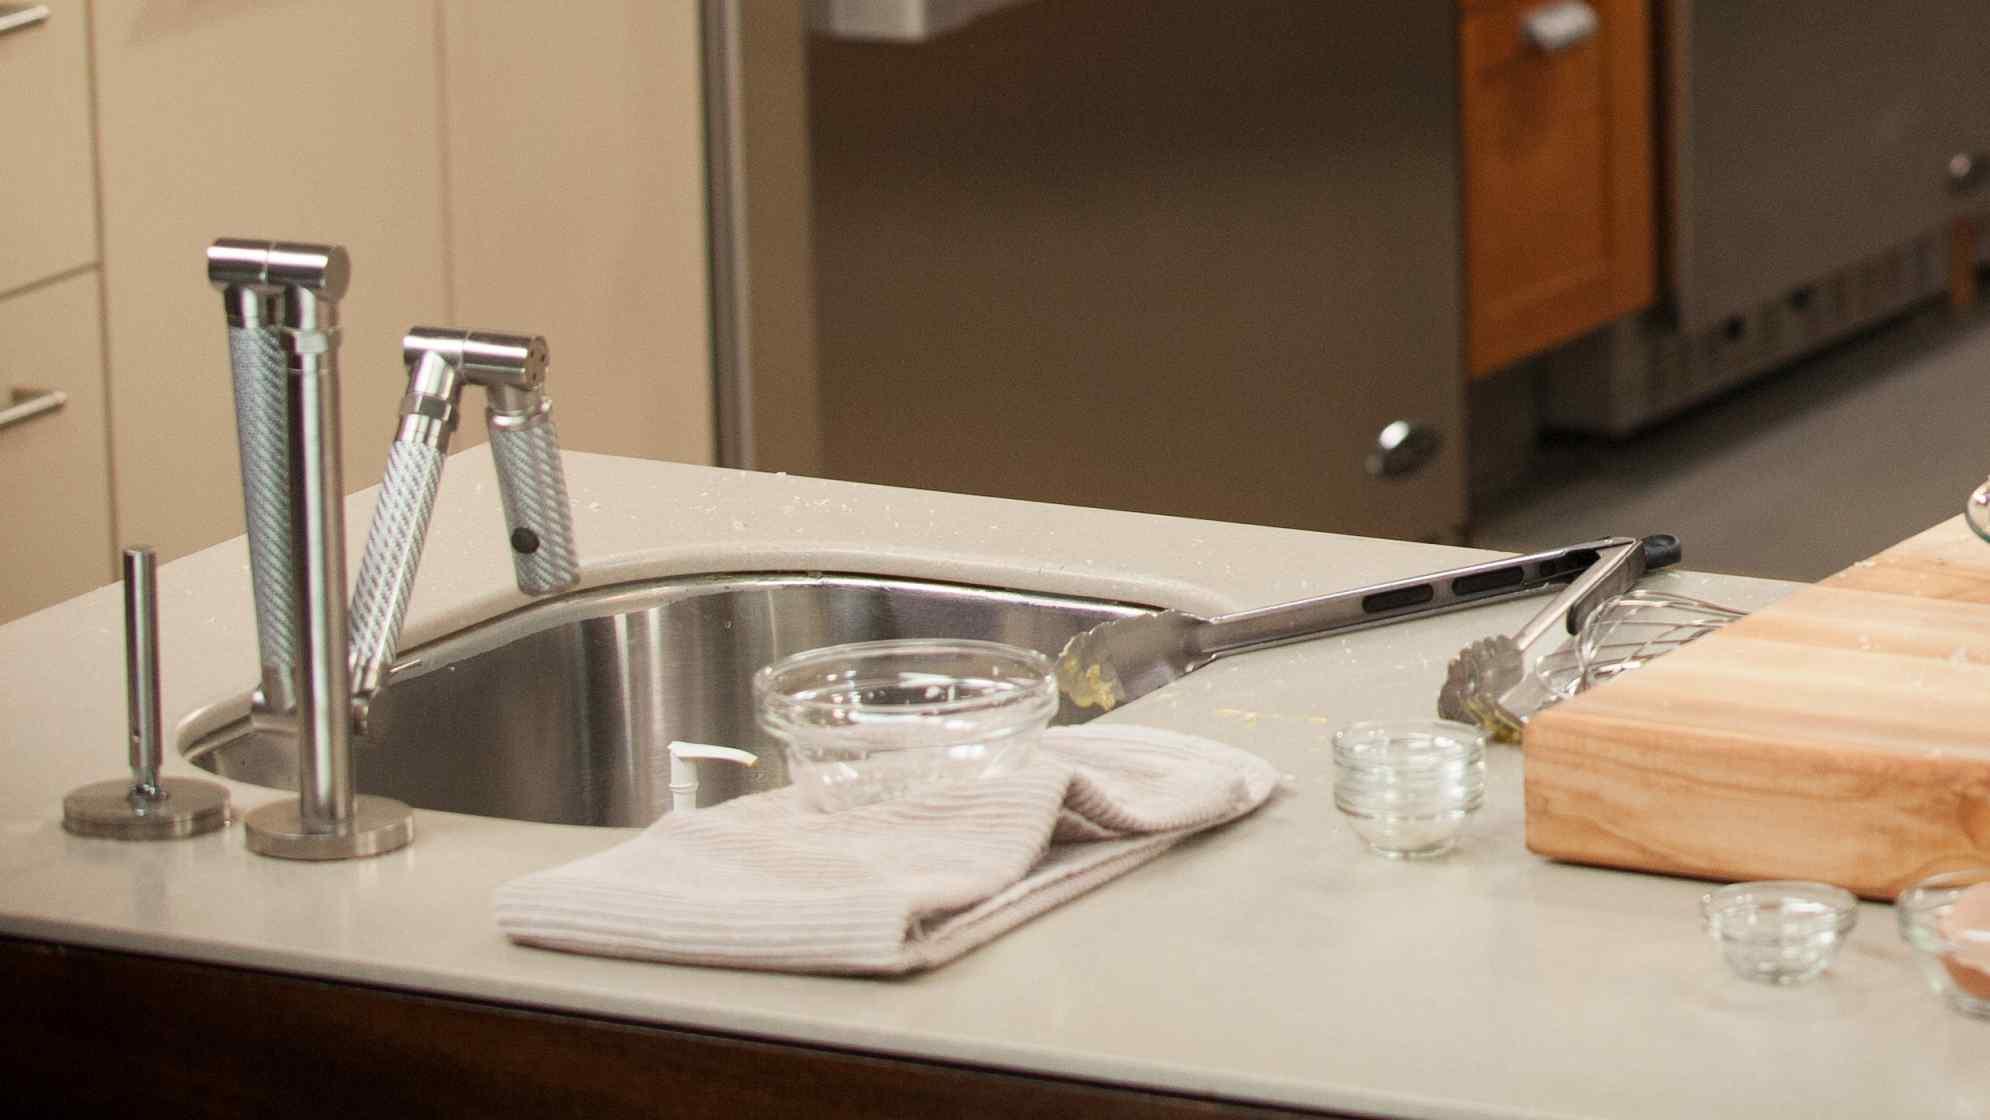 شركة تنظيف مطابخ وإزالة الدهون في رأس الخيمة